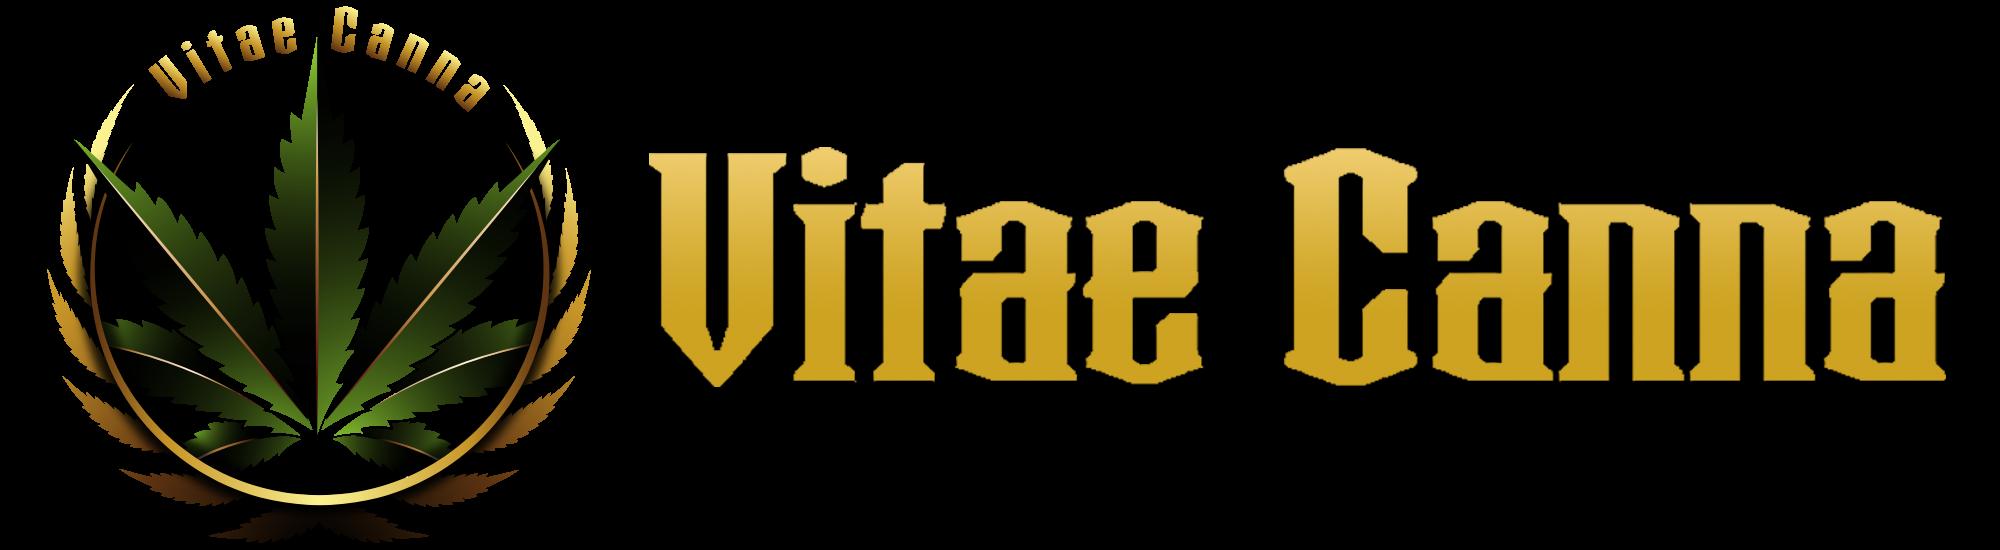 vitaecanna.pl – Oficjalna strona